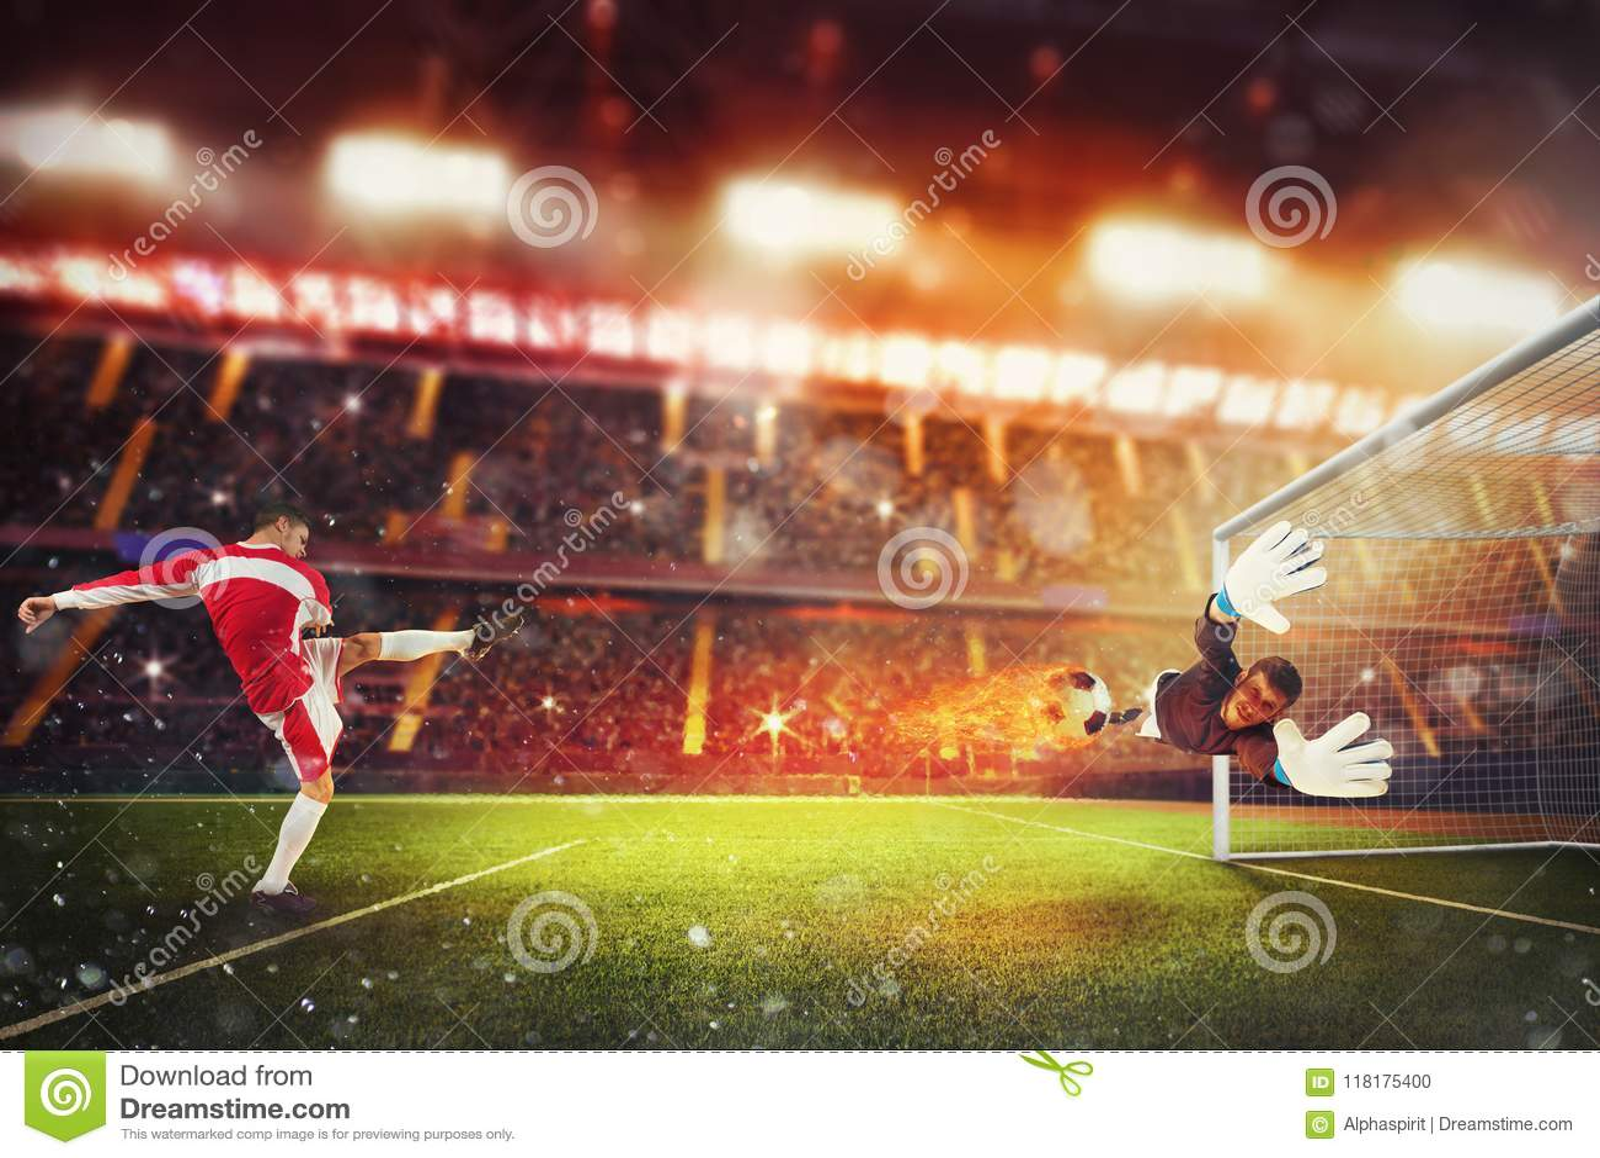 Fußballschlaggerät schlägt den Ball mit genügender Energie, auf Feuer zu gehen